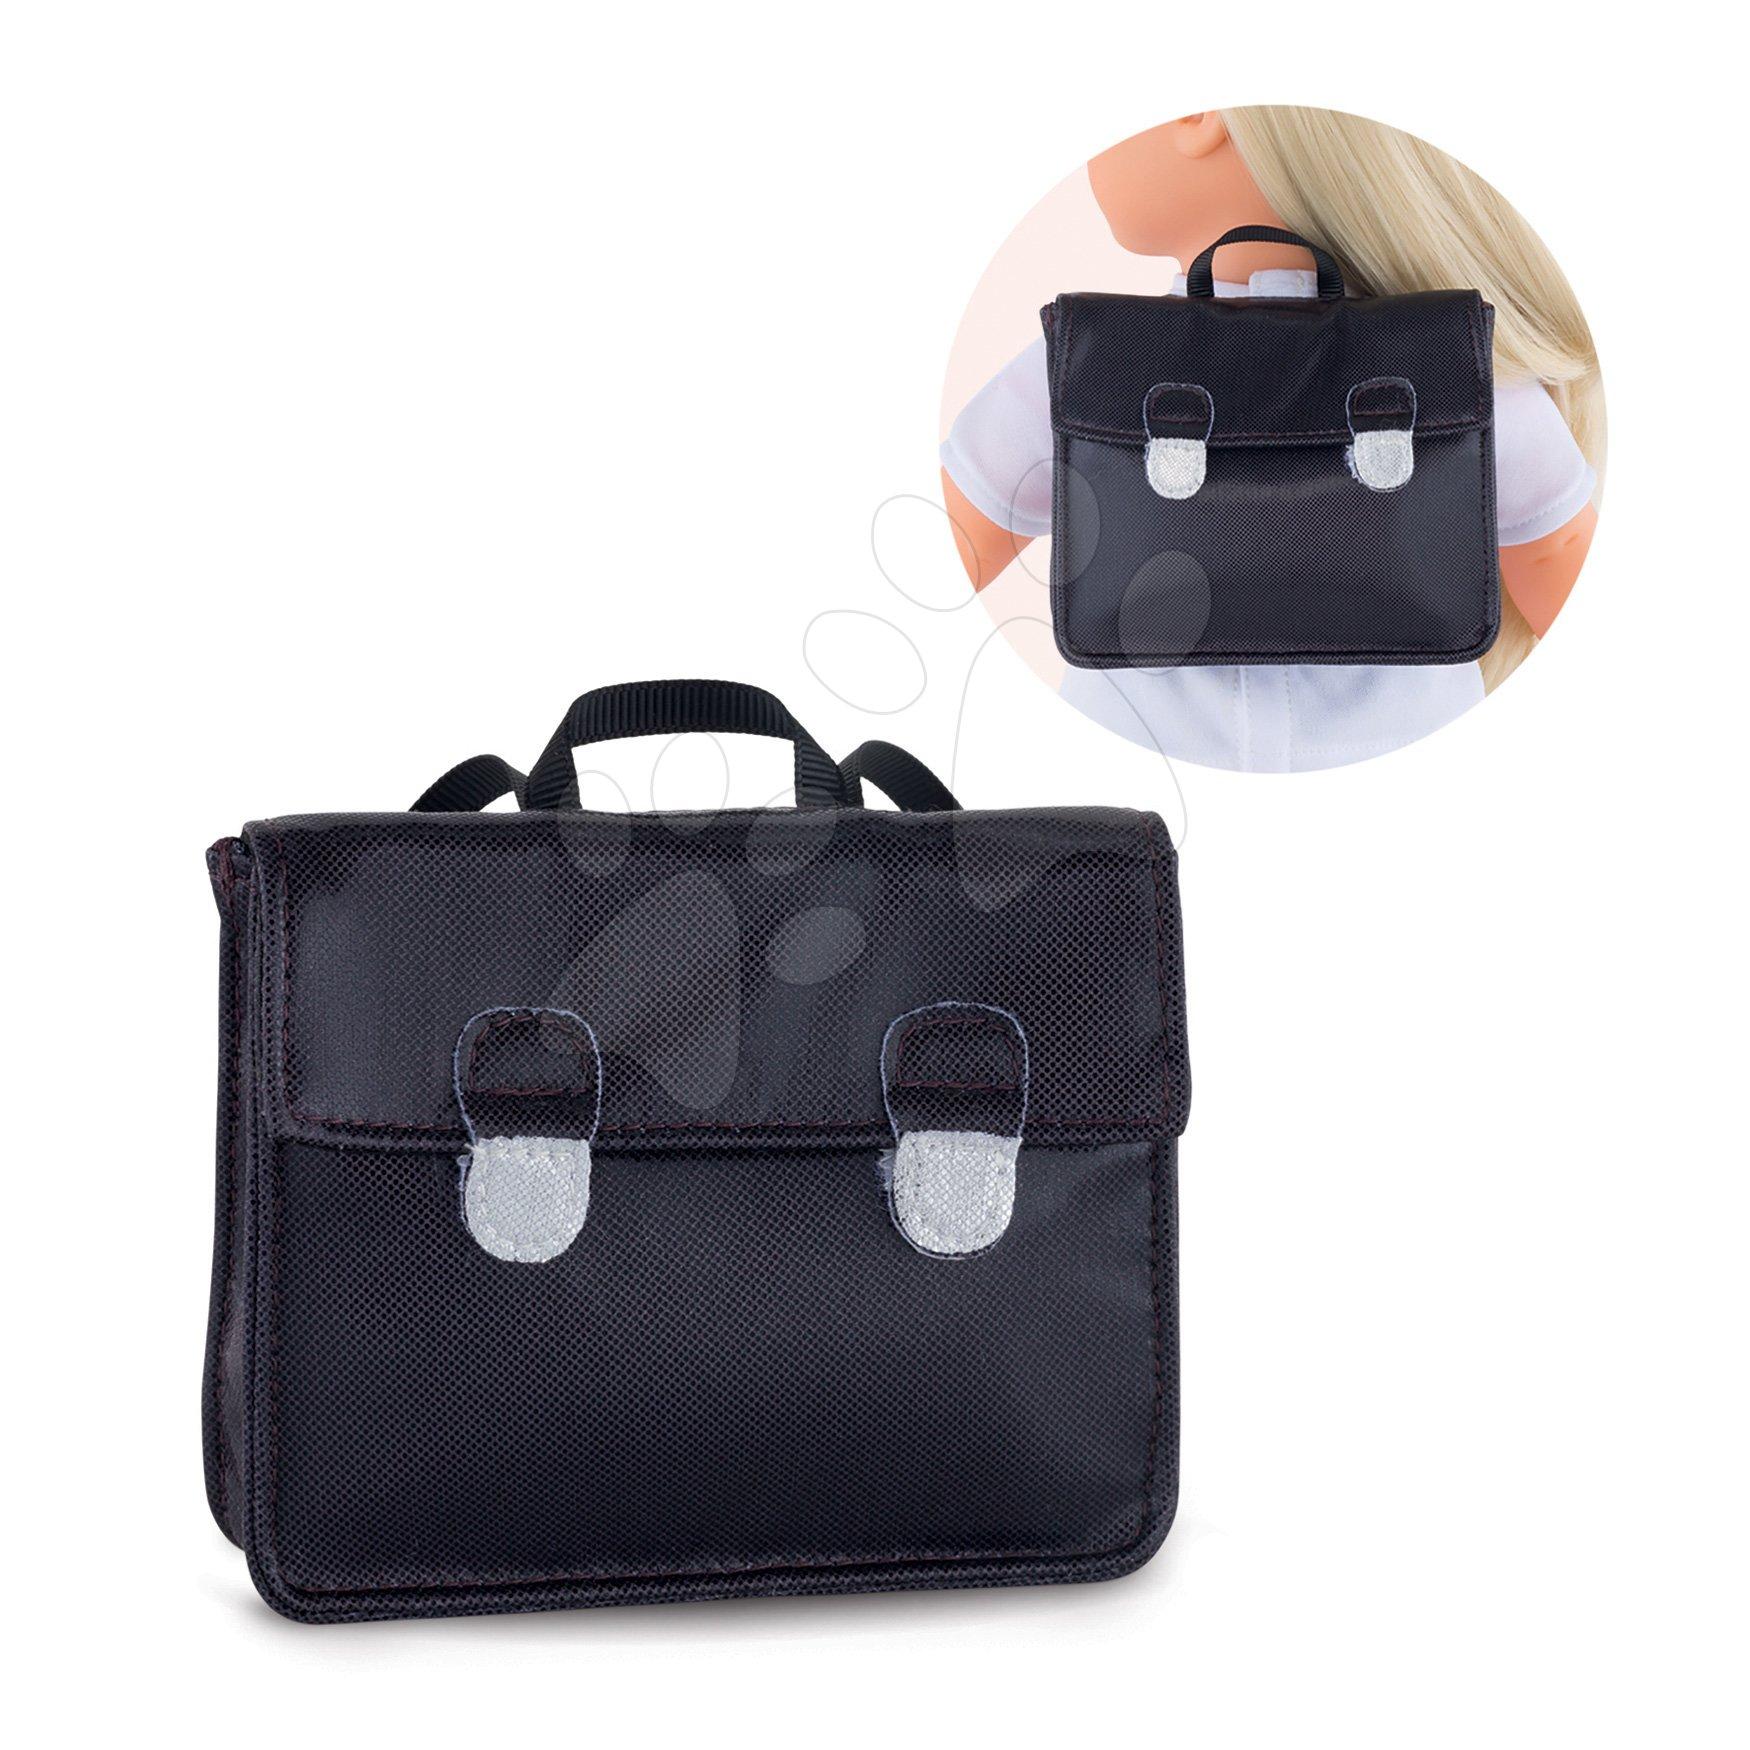 Školská aktovka School Bag Black Ma Corolle pre 36 cm bábiku od 4 rokov